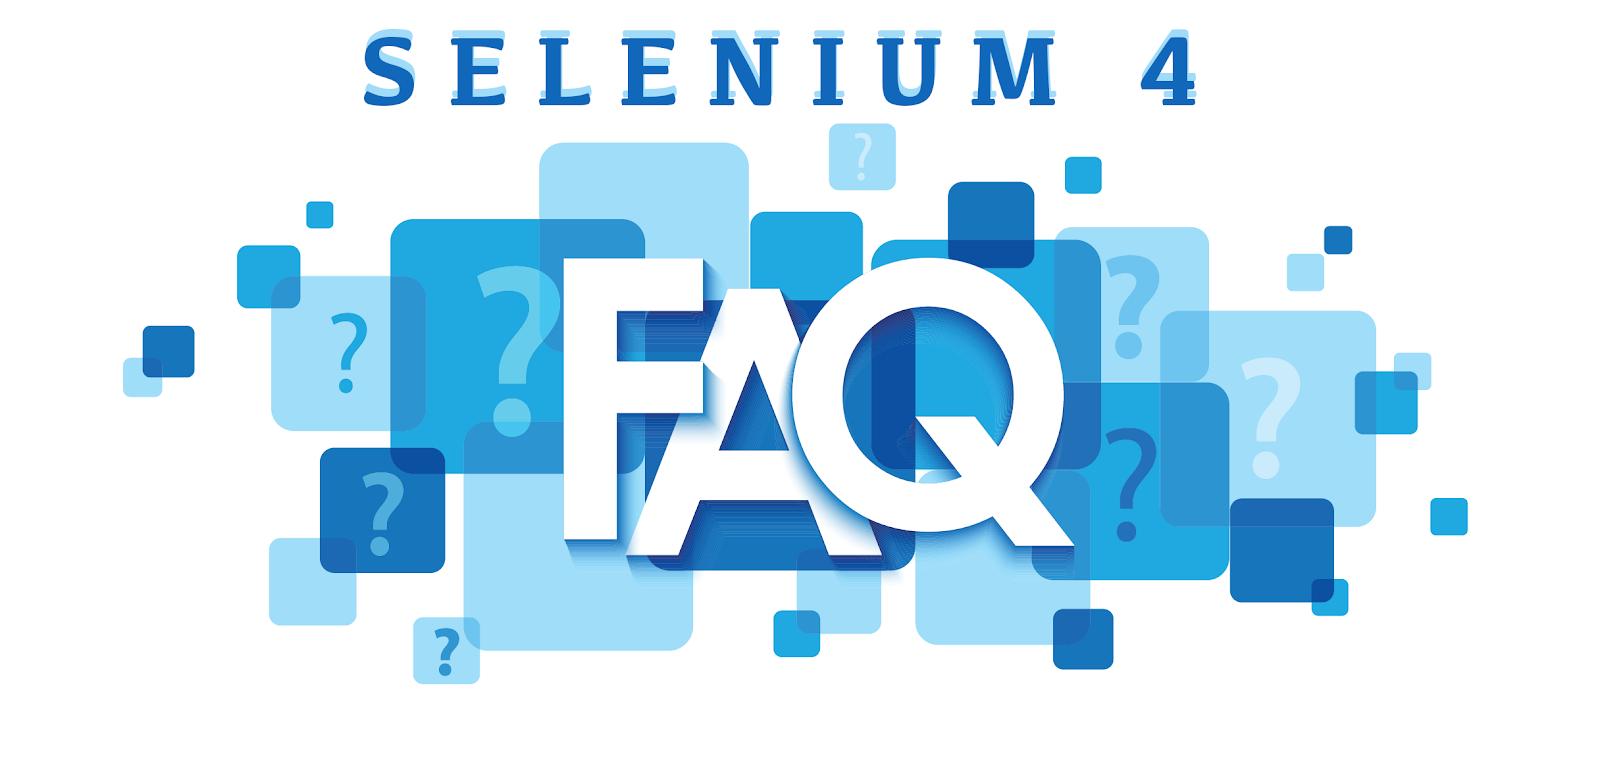 selenium 4 faqs